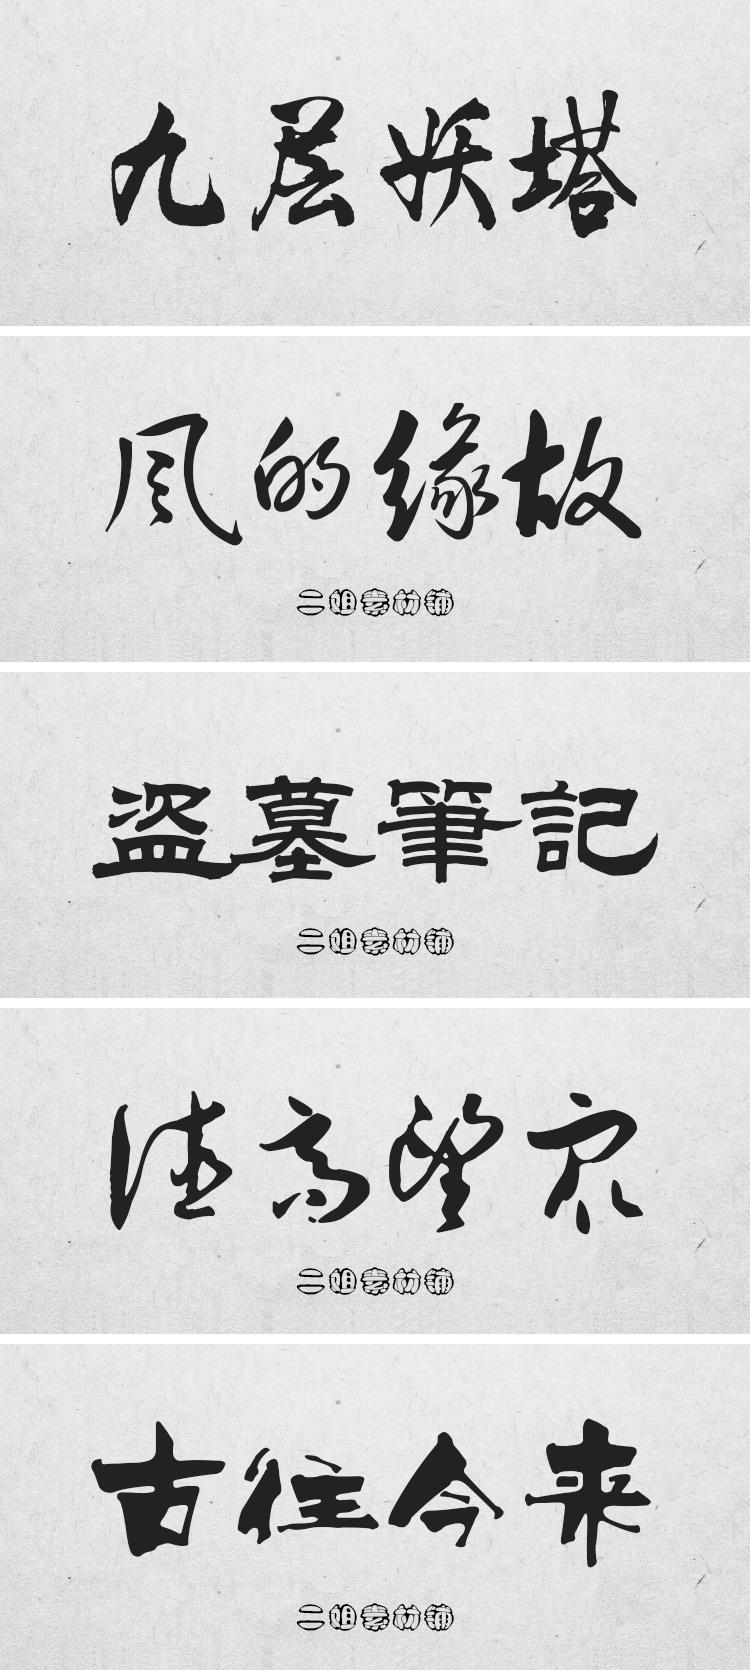 PS古風毛筆書法字體包ai古韻中式中文海報廣告平面設計素材下載